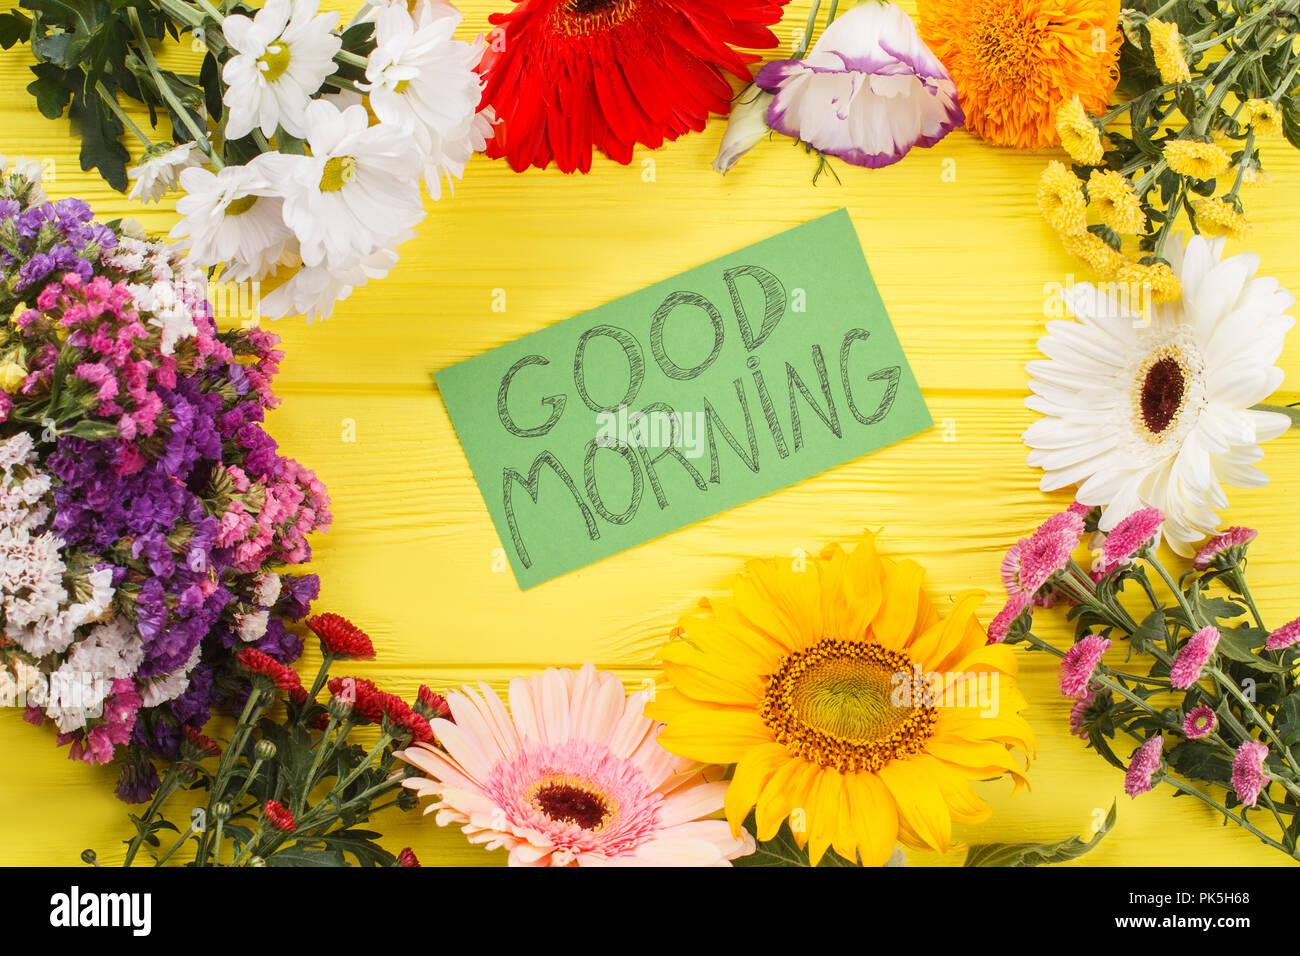 Guten morgen wunsche und bilder